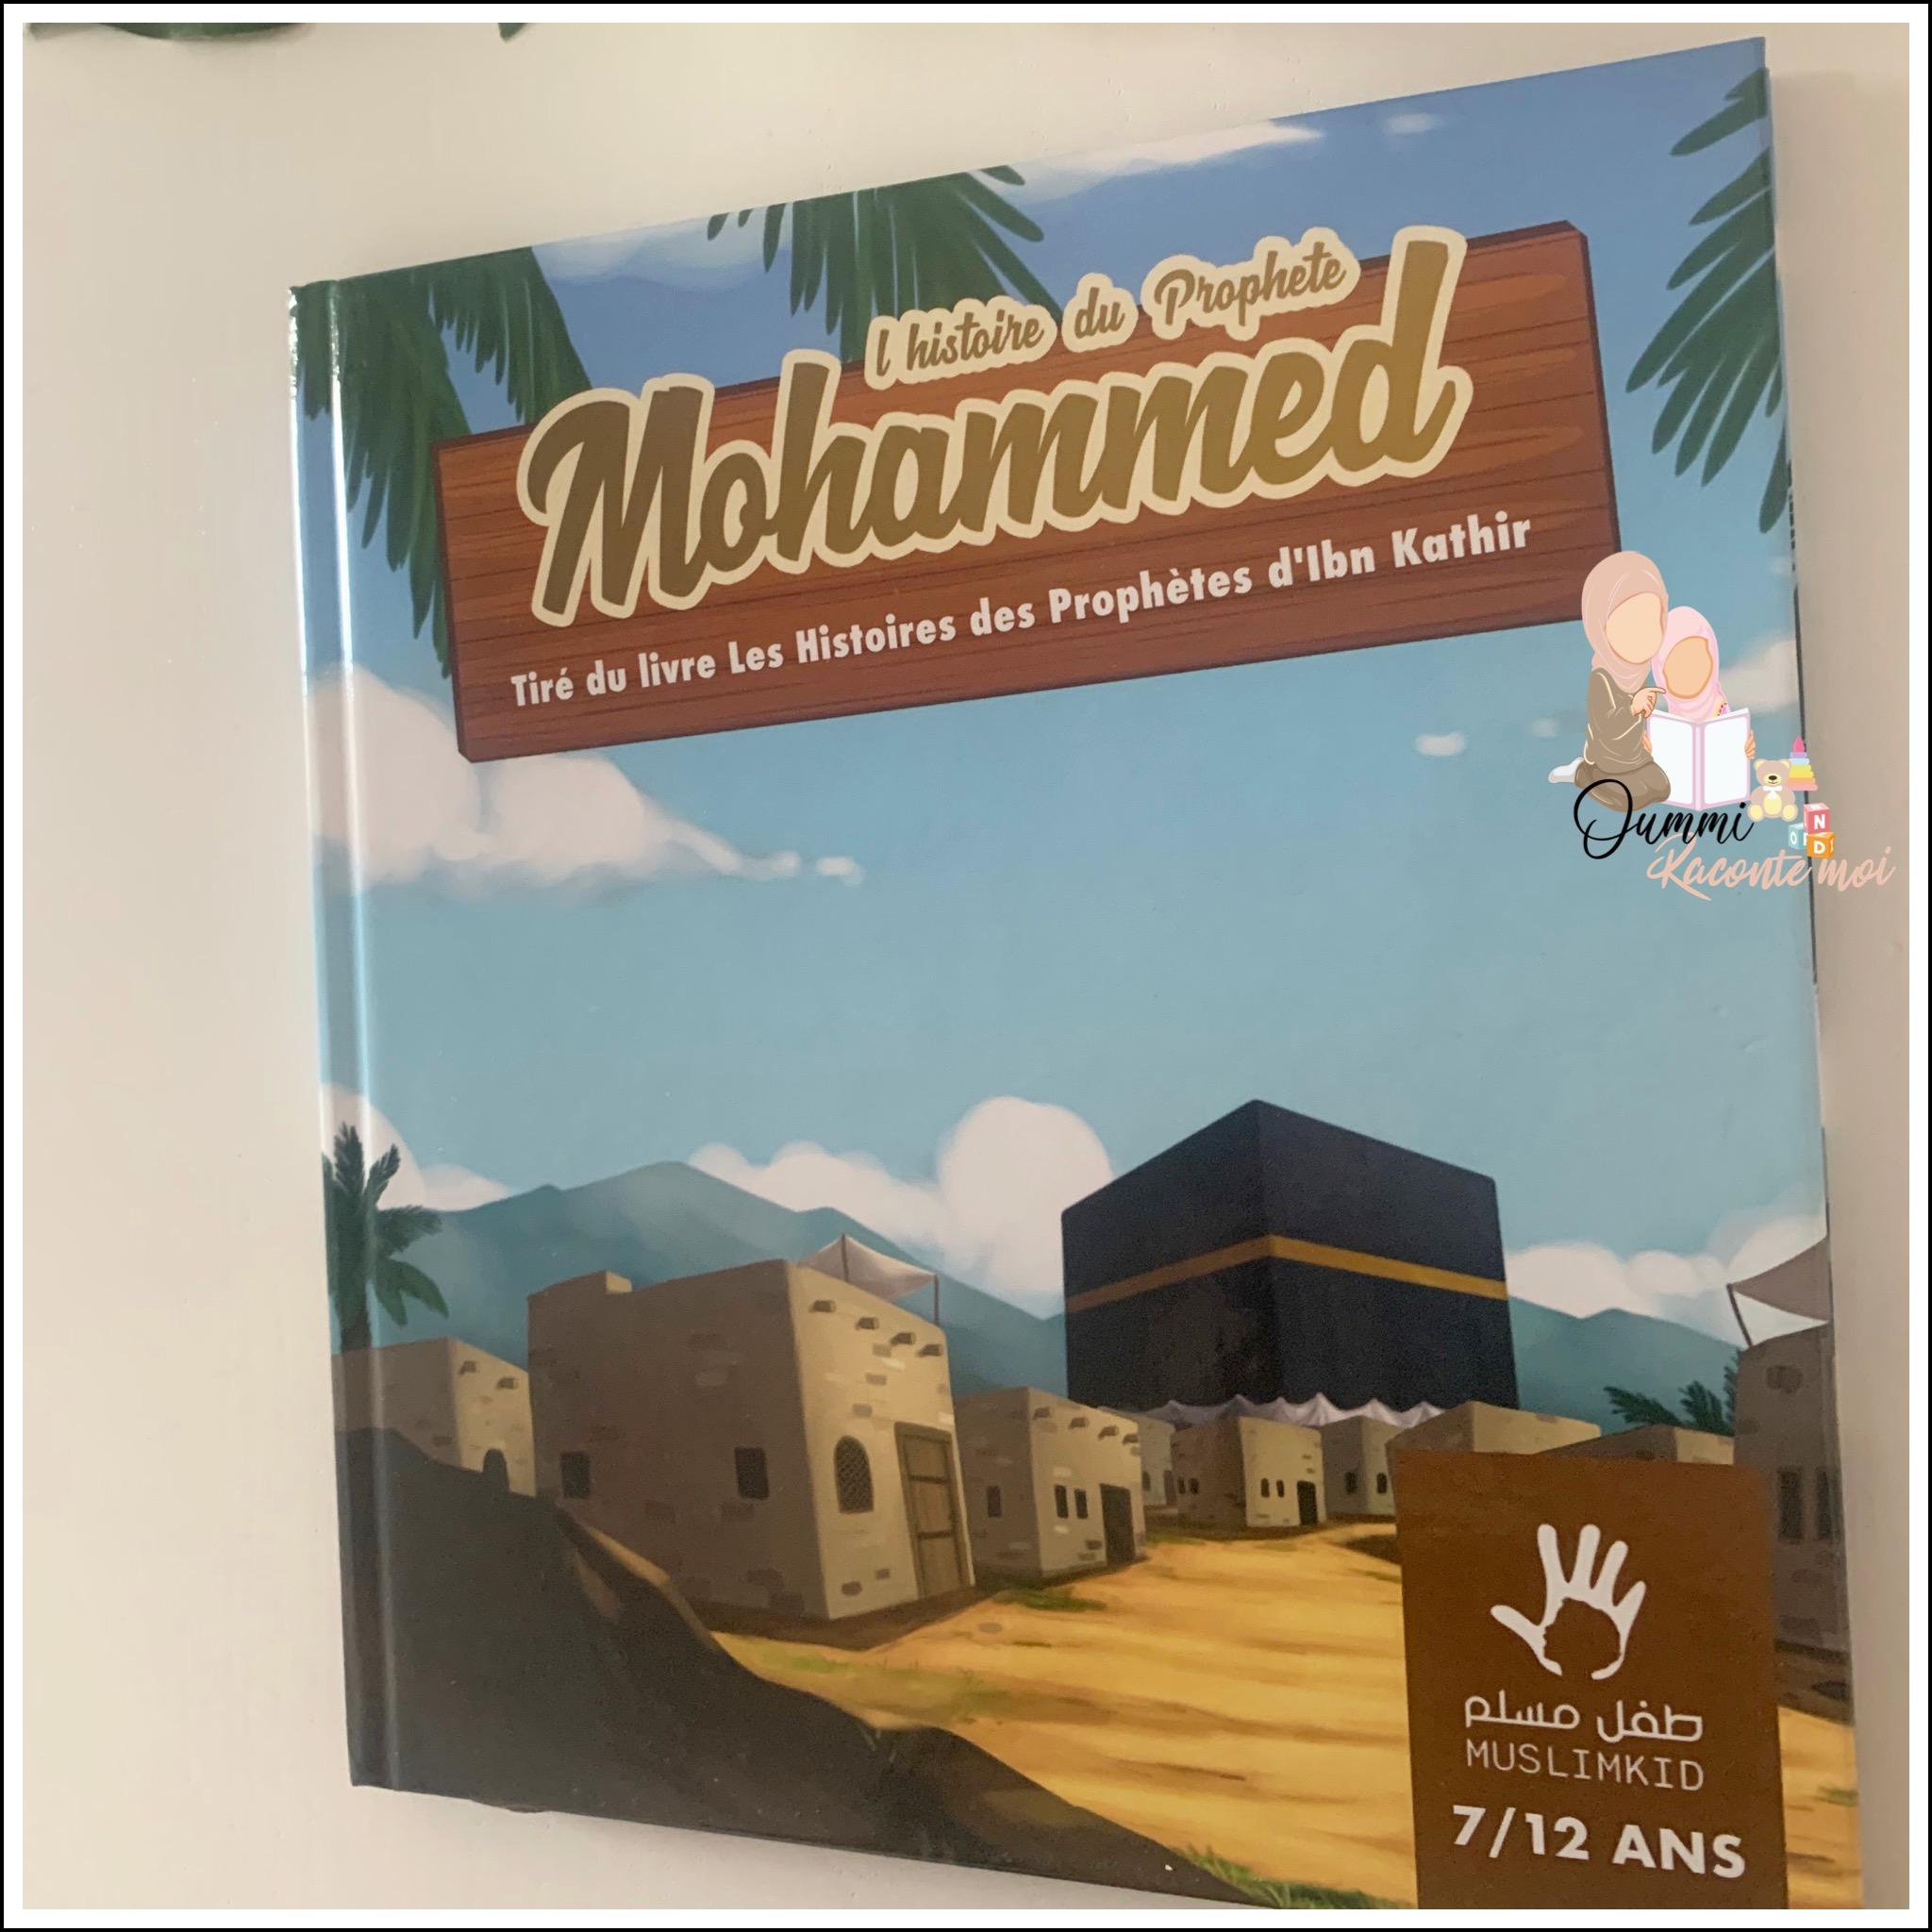 L'histoire du prophète Mohammed (7/12 ans) – Édition MuslimKid